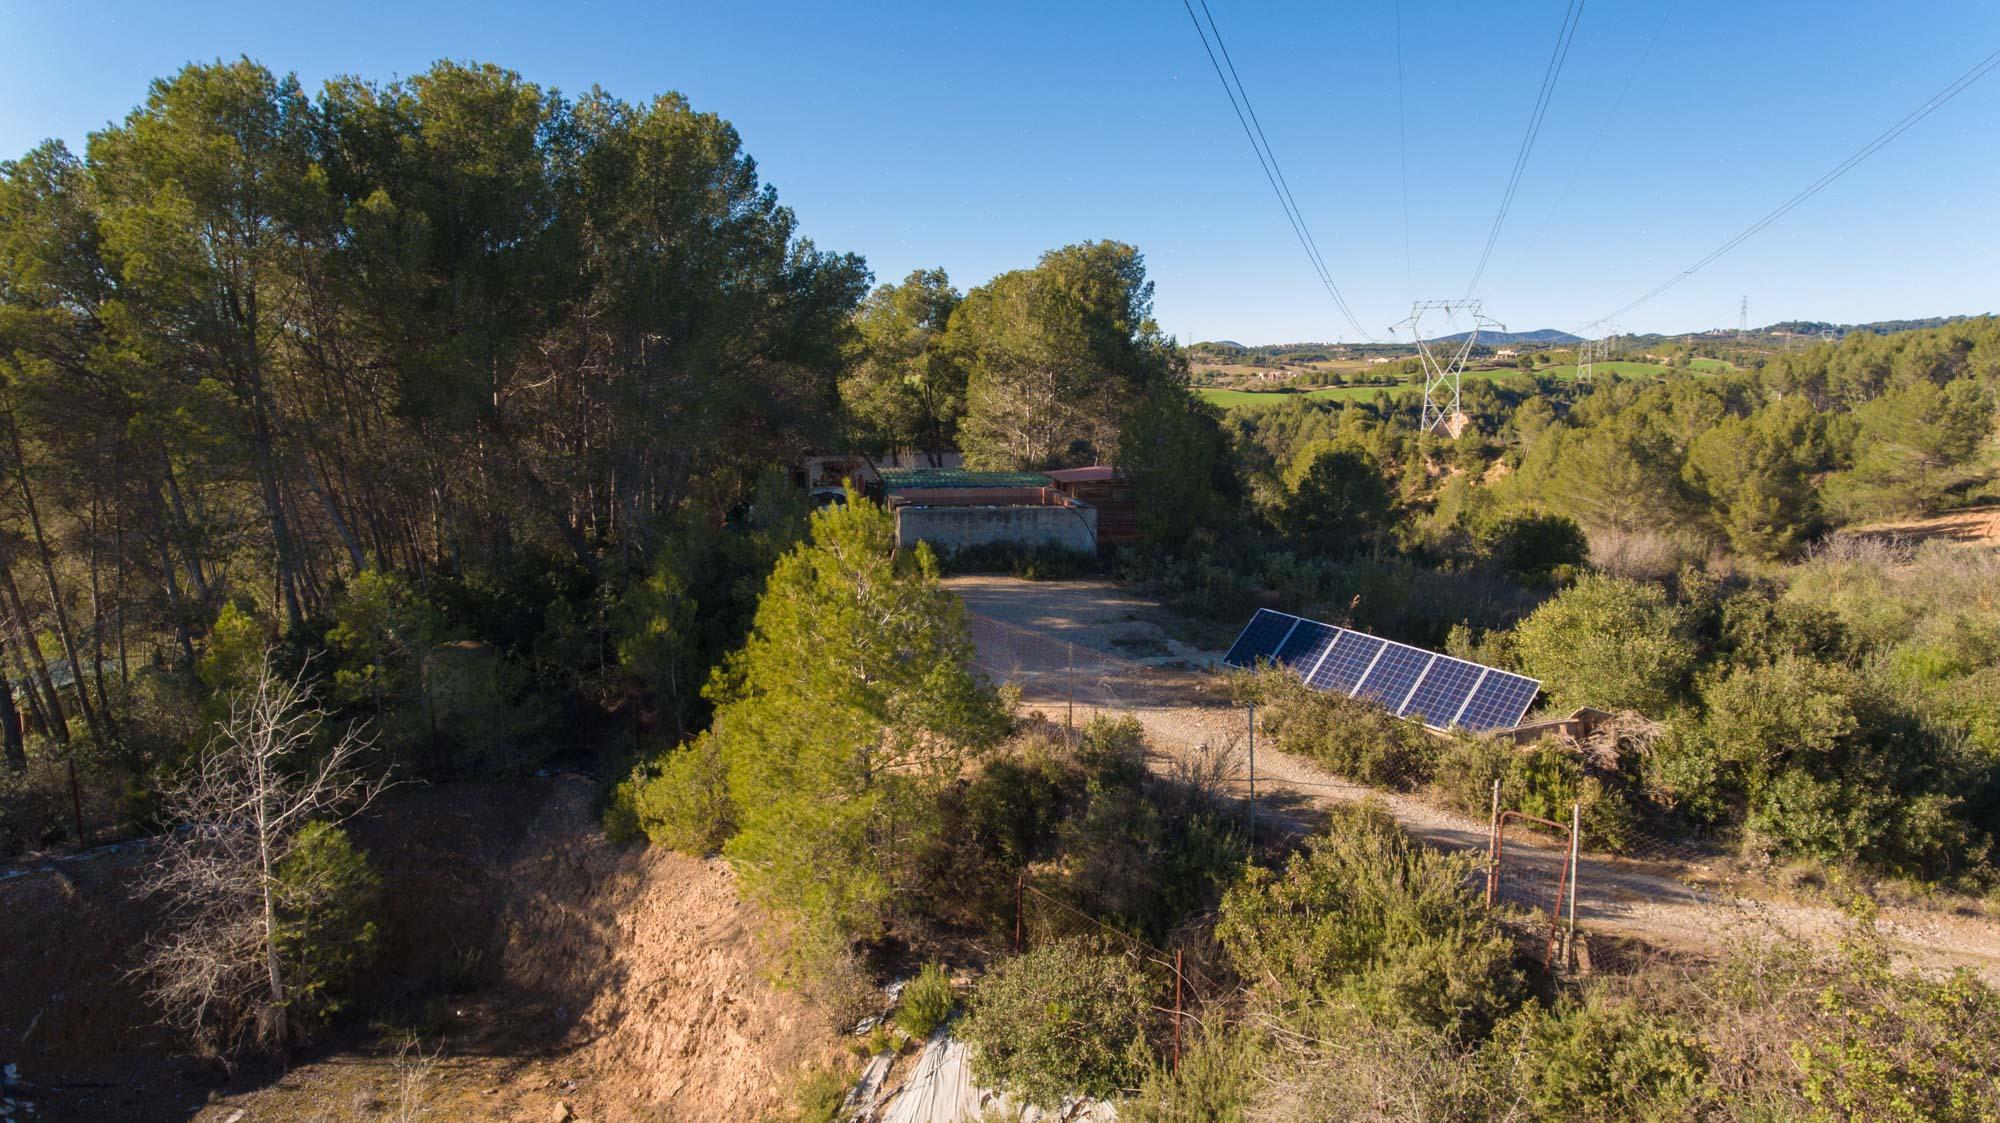 Instalación de energía solar fotovoltaica